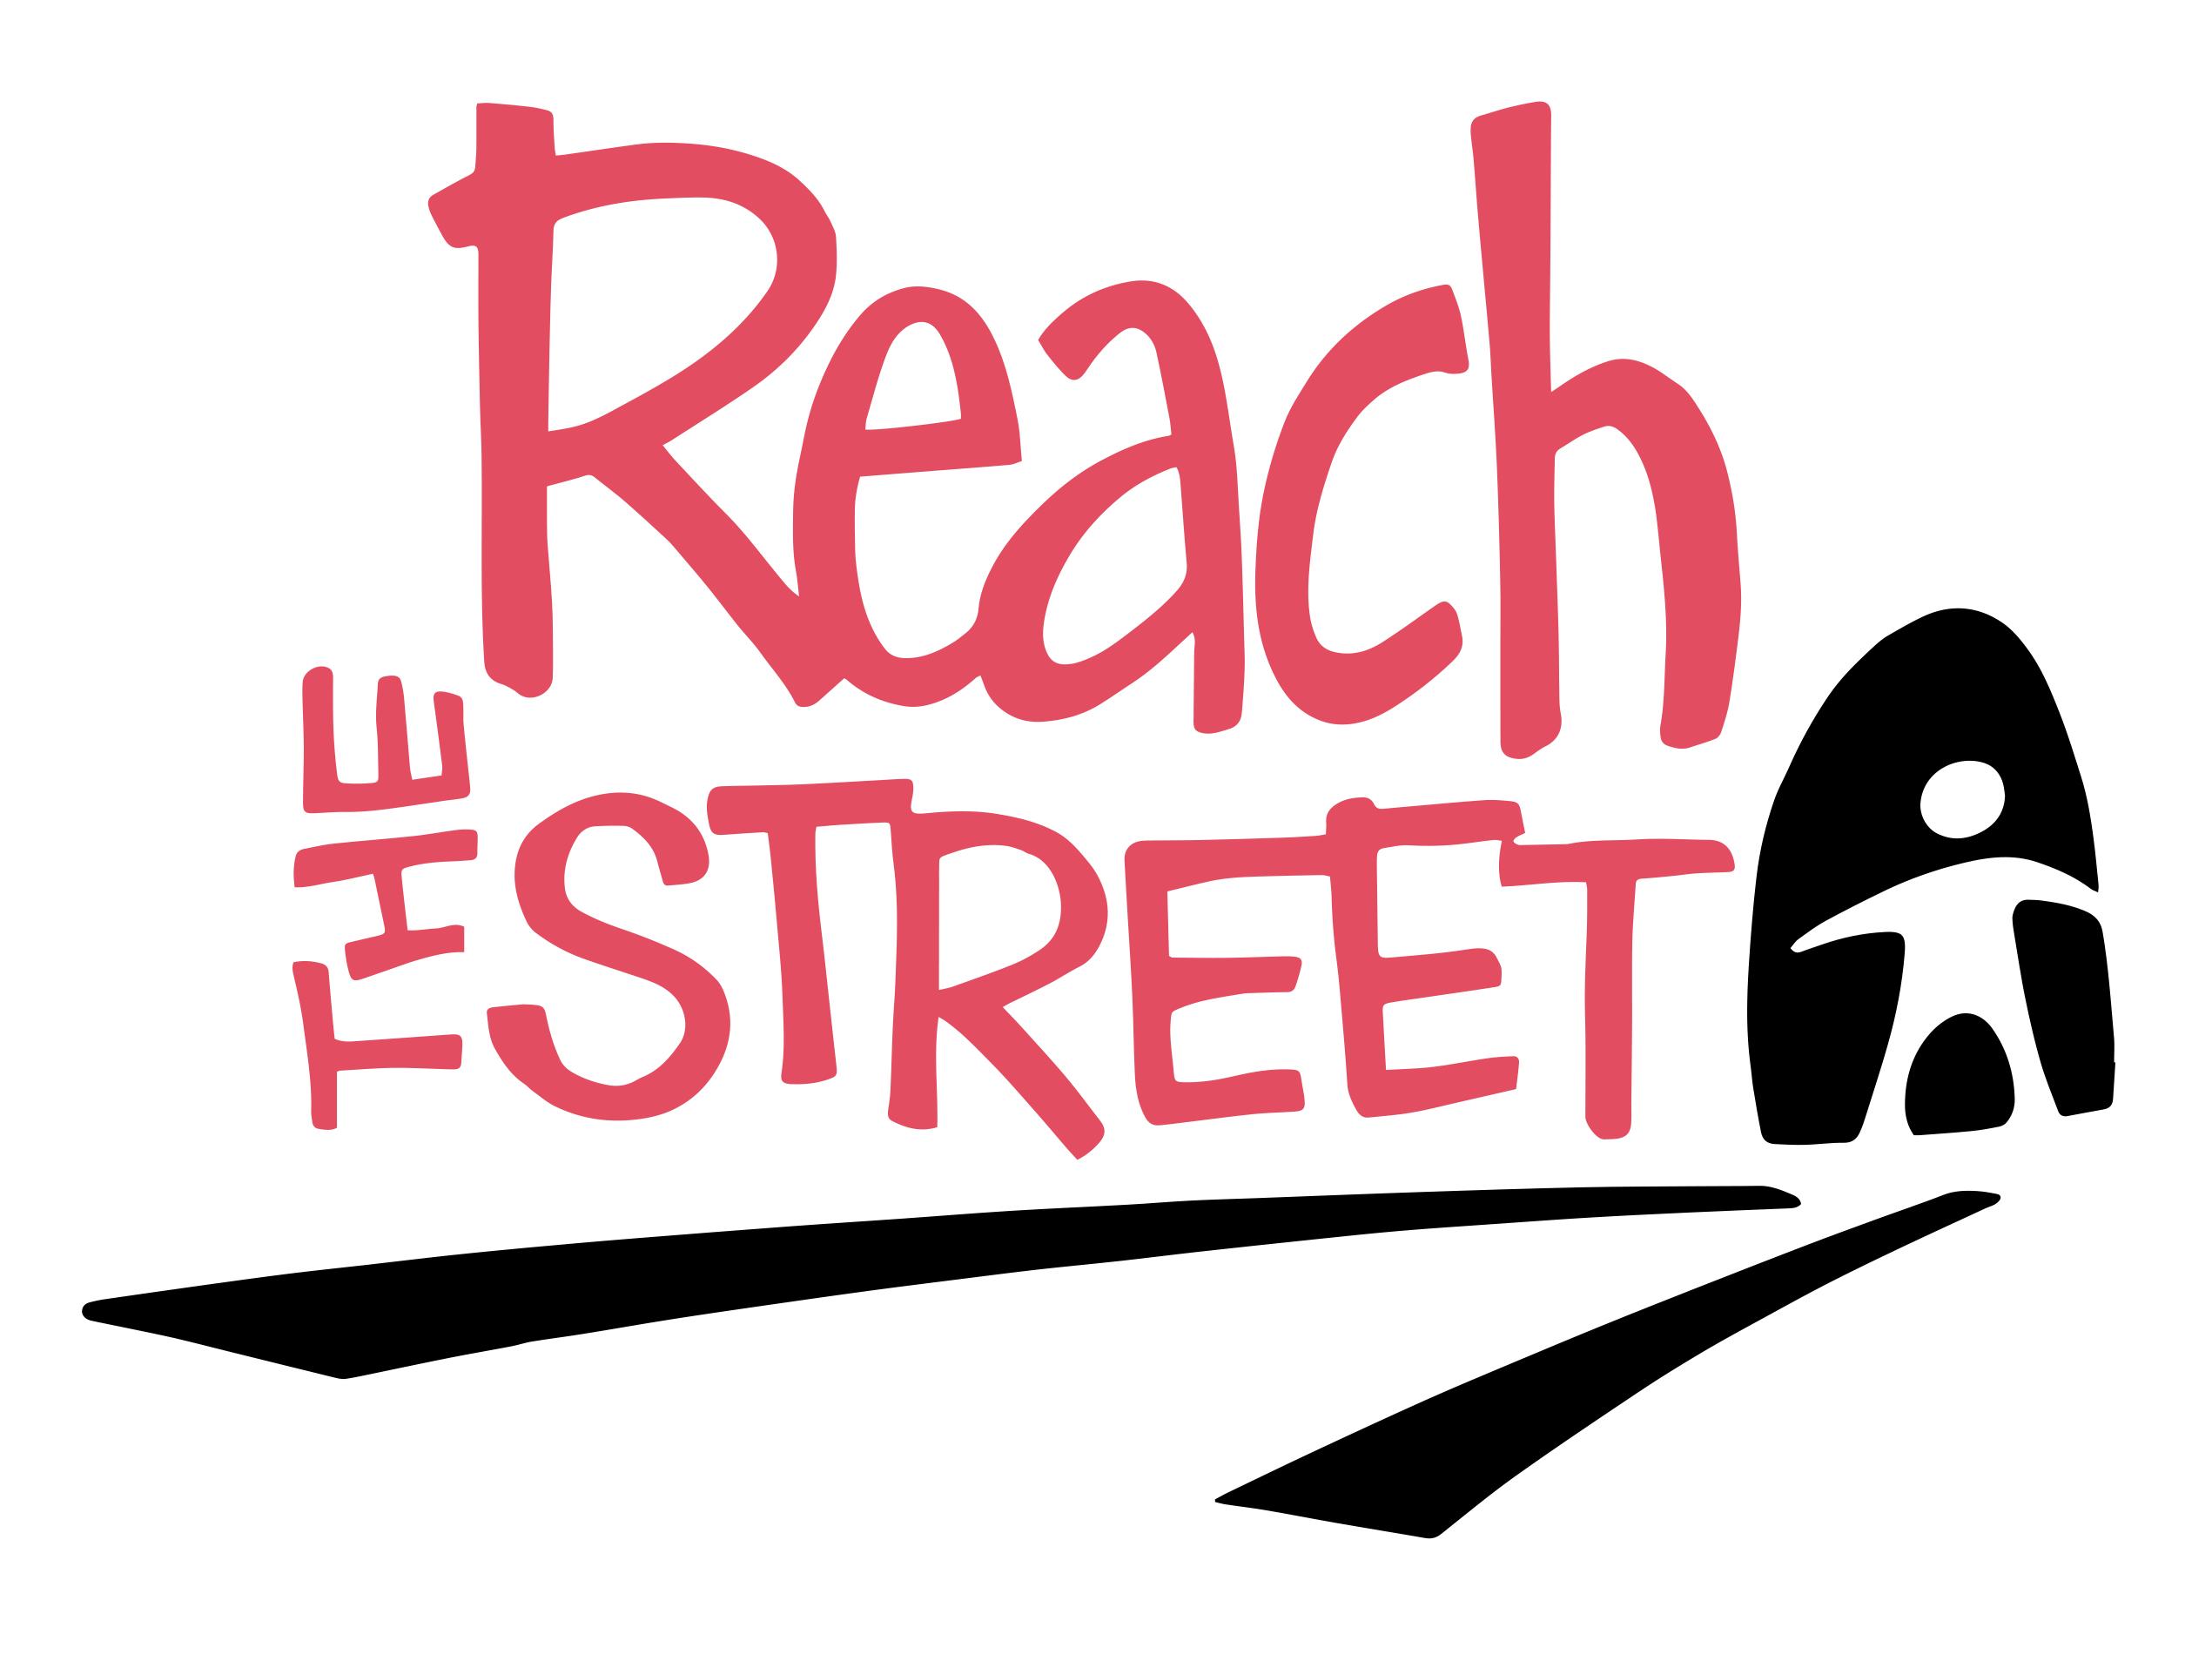 REACH_the_STREET